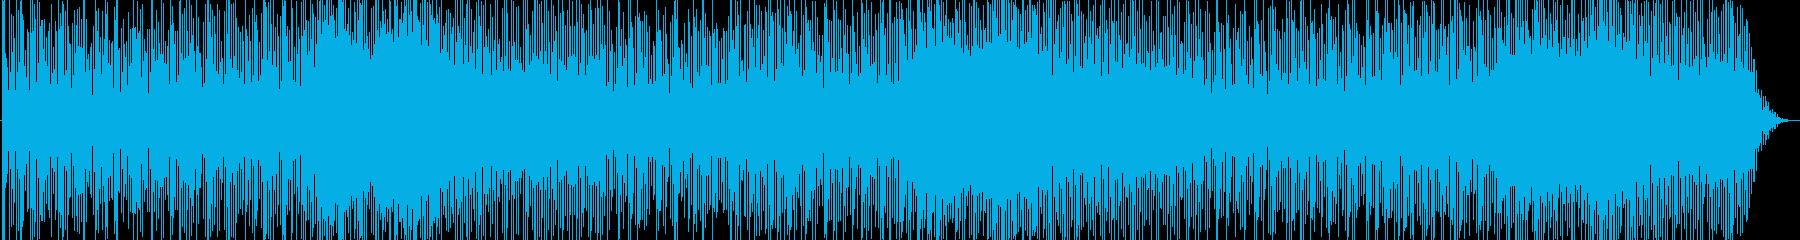 神秘的なBGMですの再生済みの波形